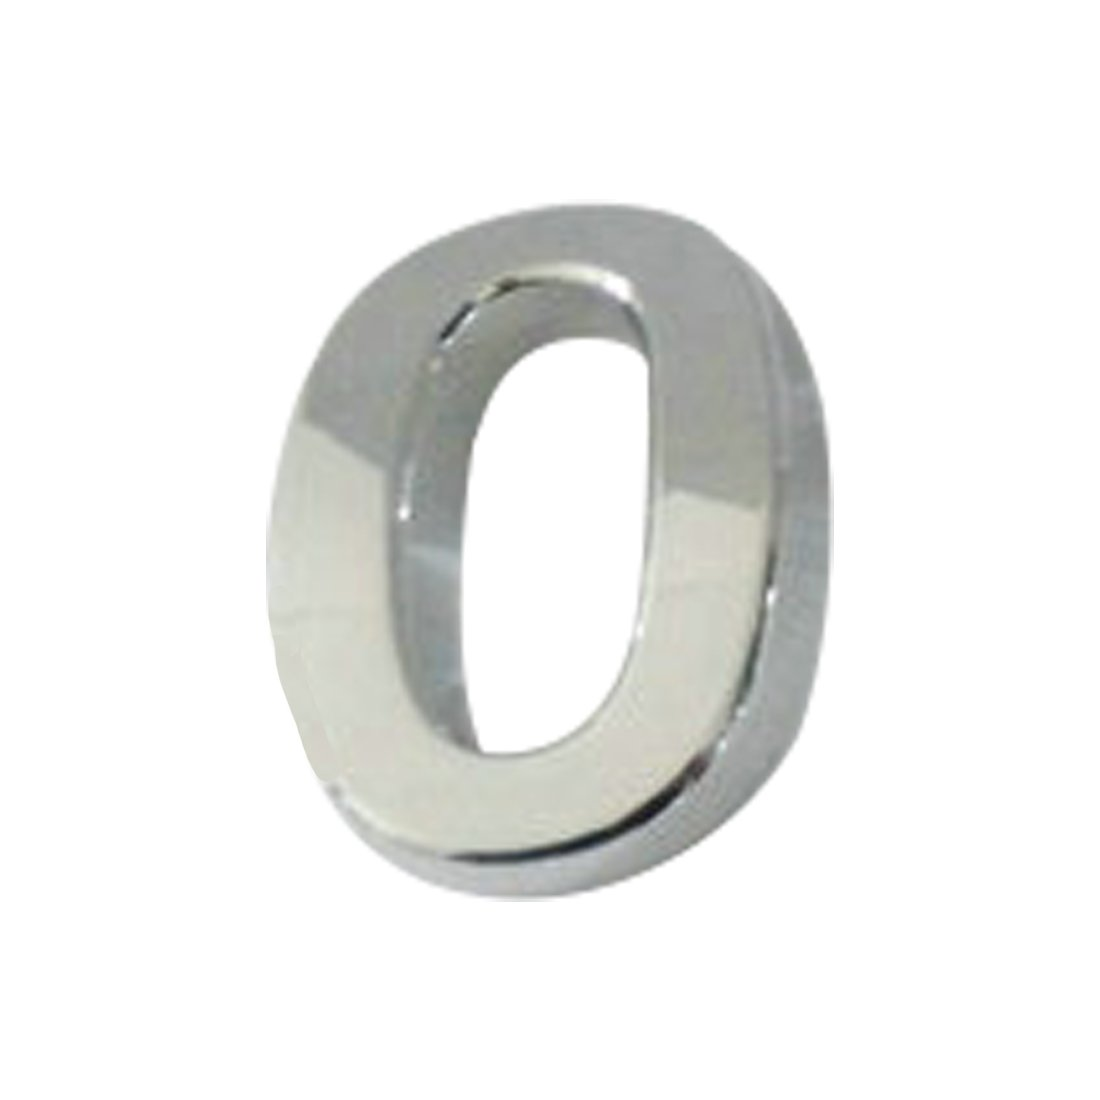 Plaque autocollante en chrome plaqué , compatible pour numé ro de porte, voiture, adresse, chiffres, numé ro 0, 0 Luwu-Store